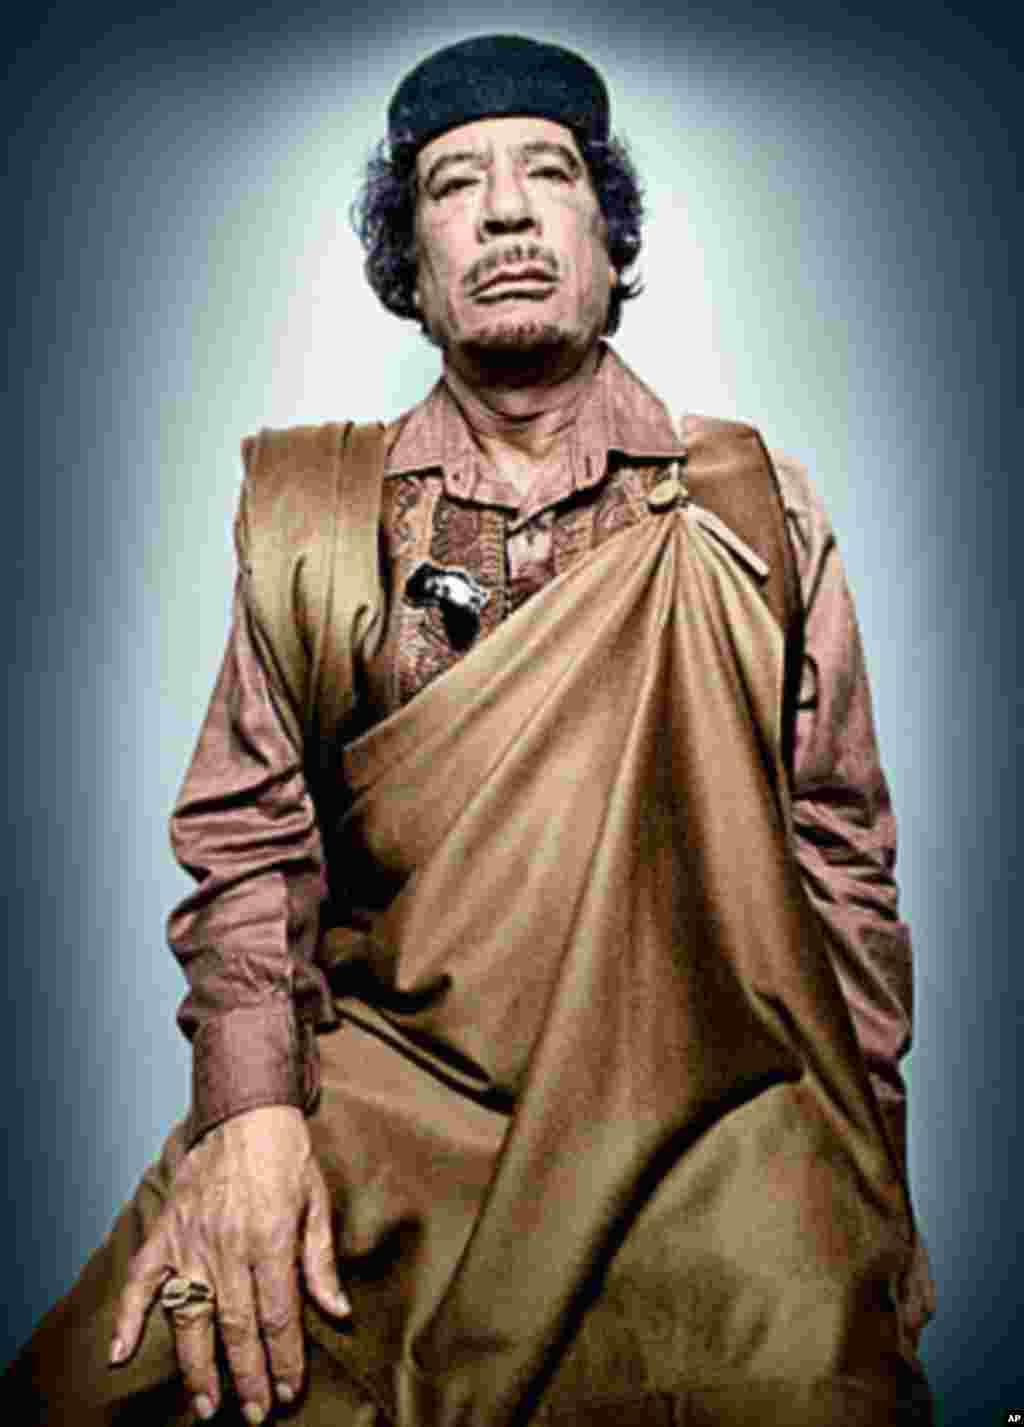 Libya's Muammar Qaddafi